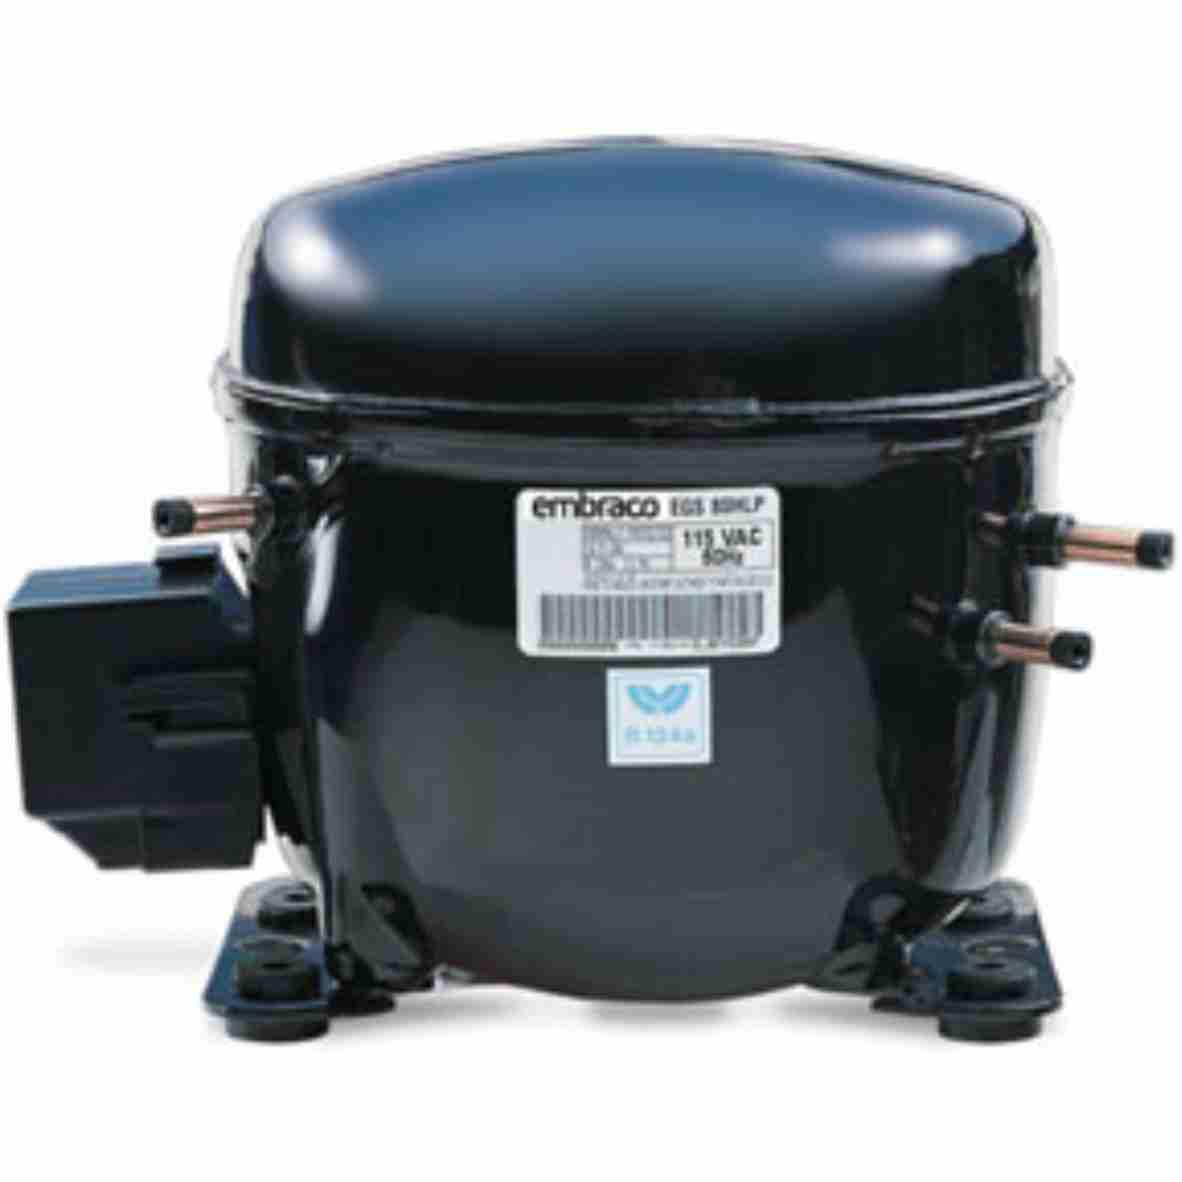 Compressor 1/3 110v 134 EGAS 100HLR Embraco